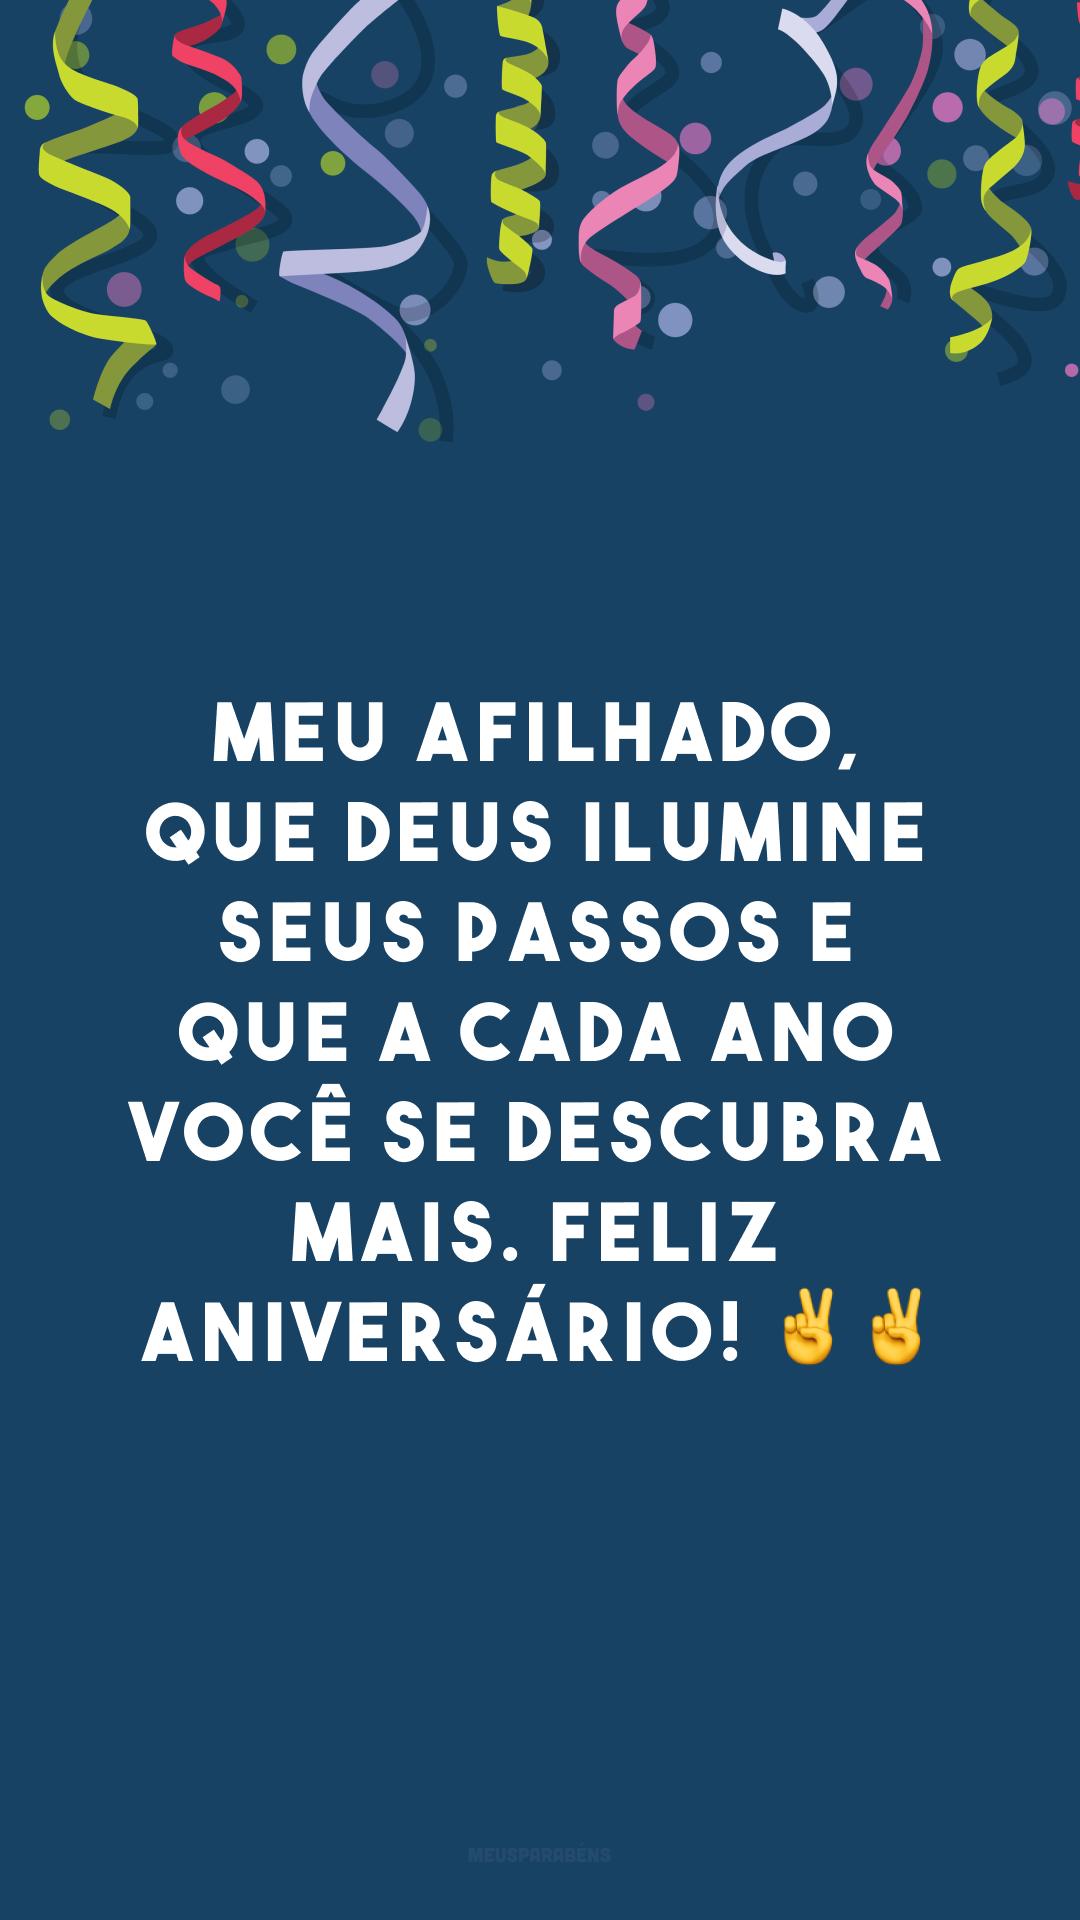 Meu afilhado, que Deus ilumine seus passos e que a cada ano você se descubra mais. Feliz aniversário! ✌✌